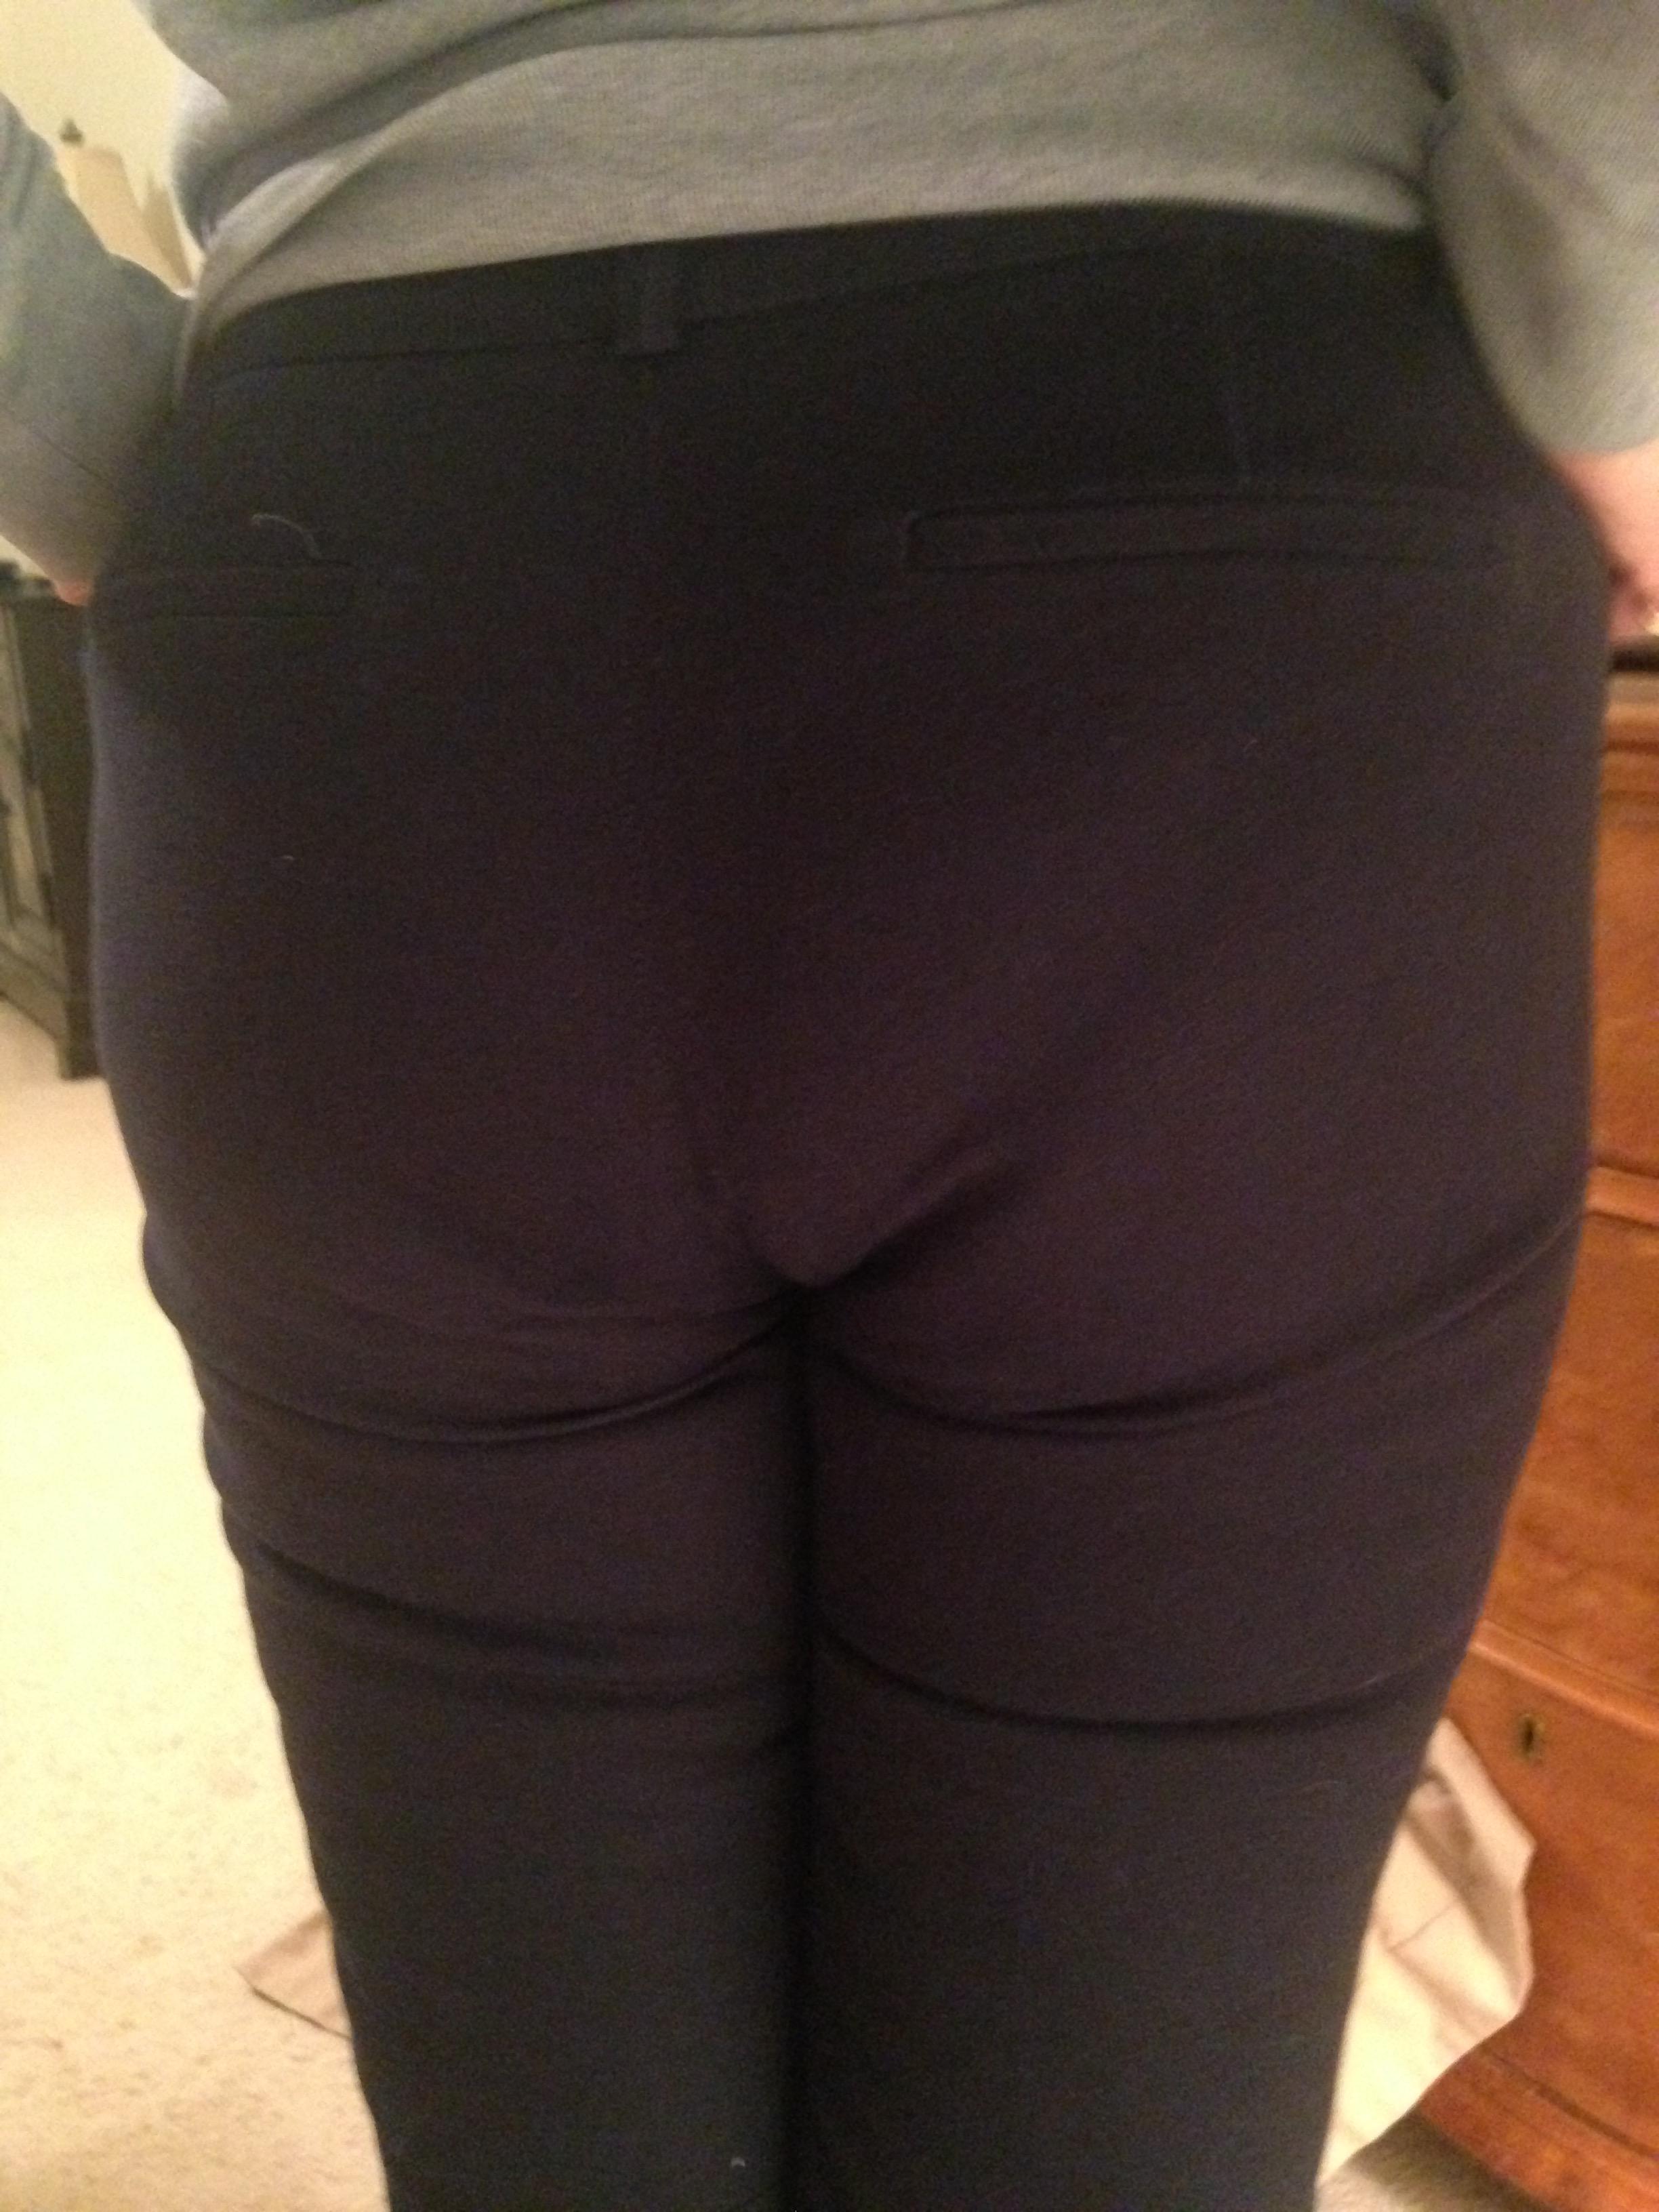 Fat ass tight panties